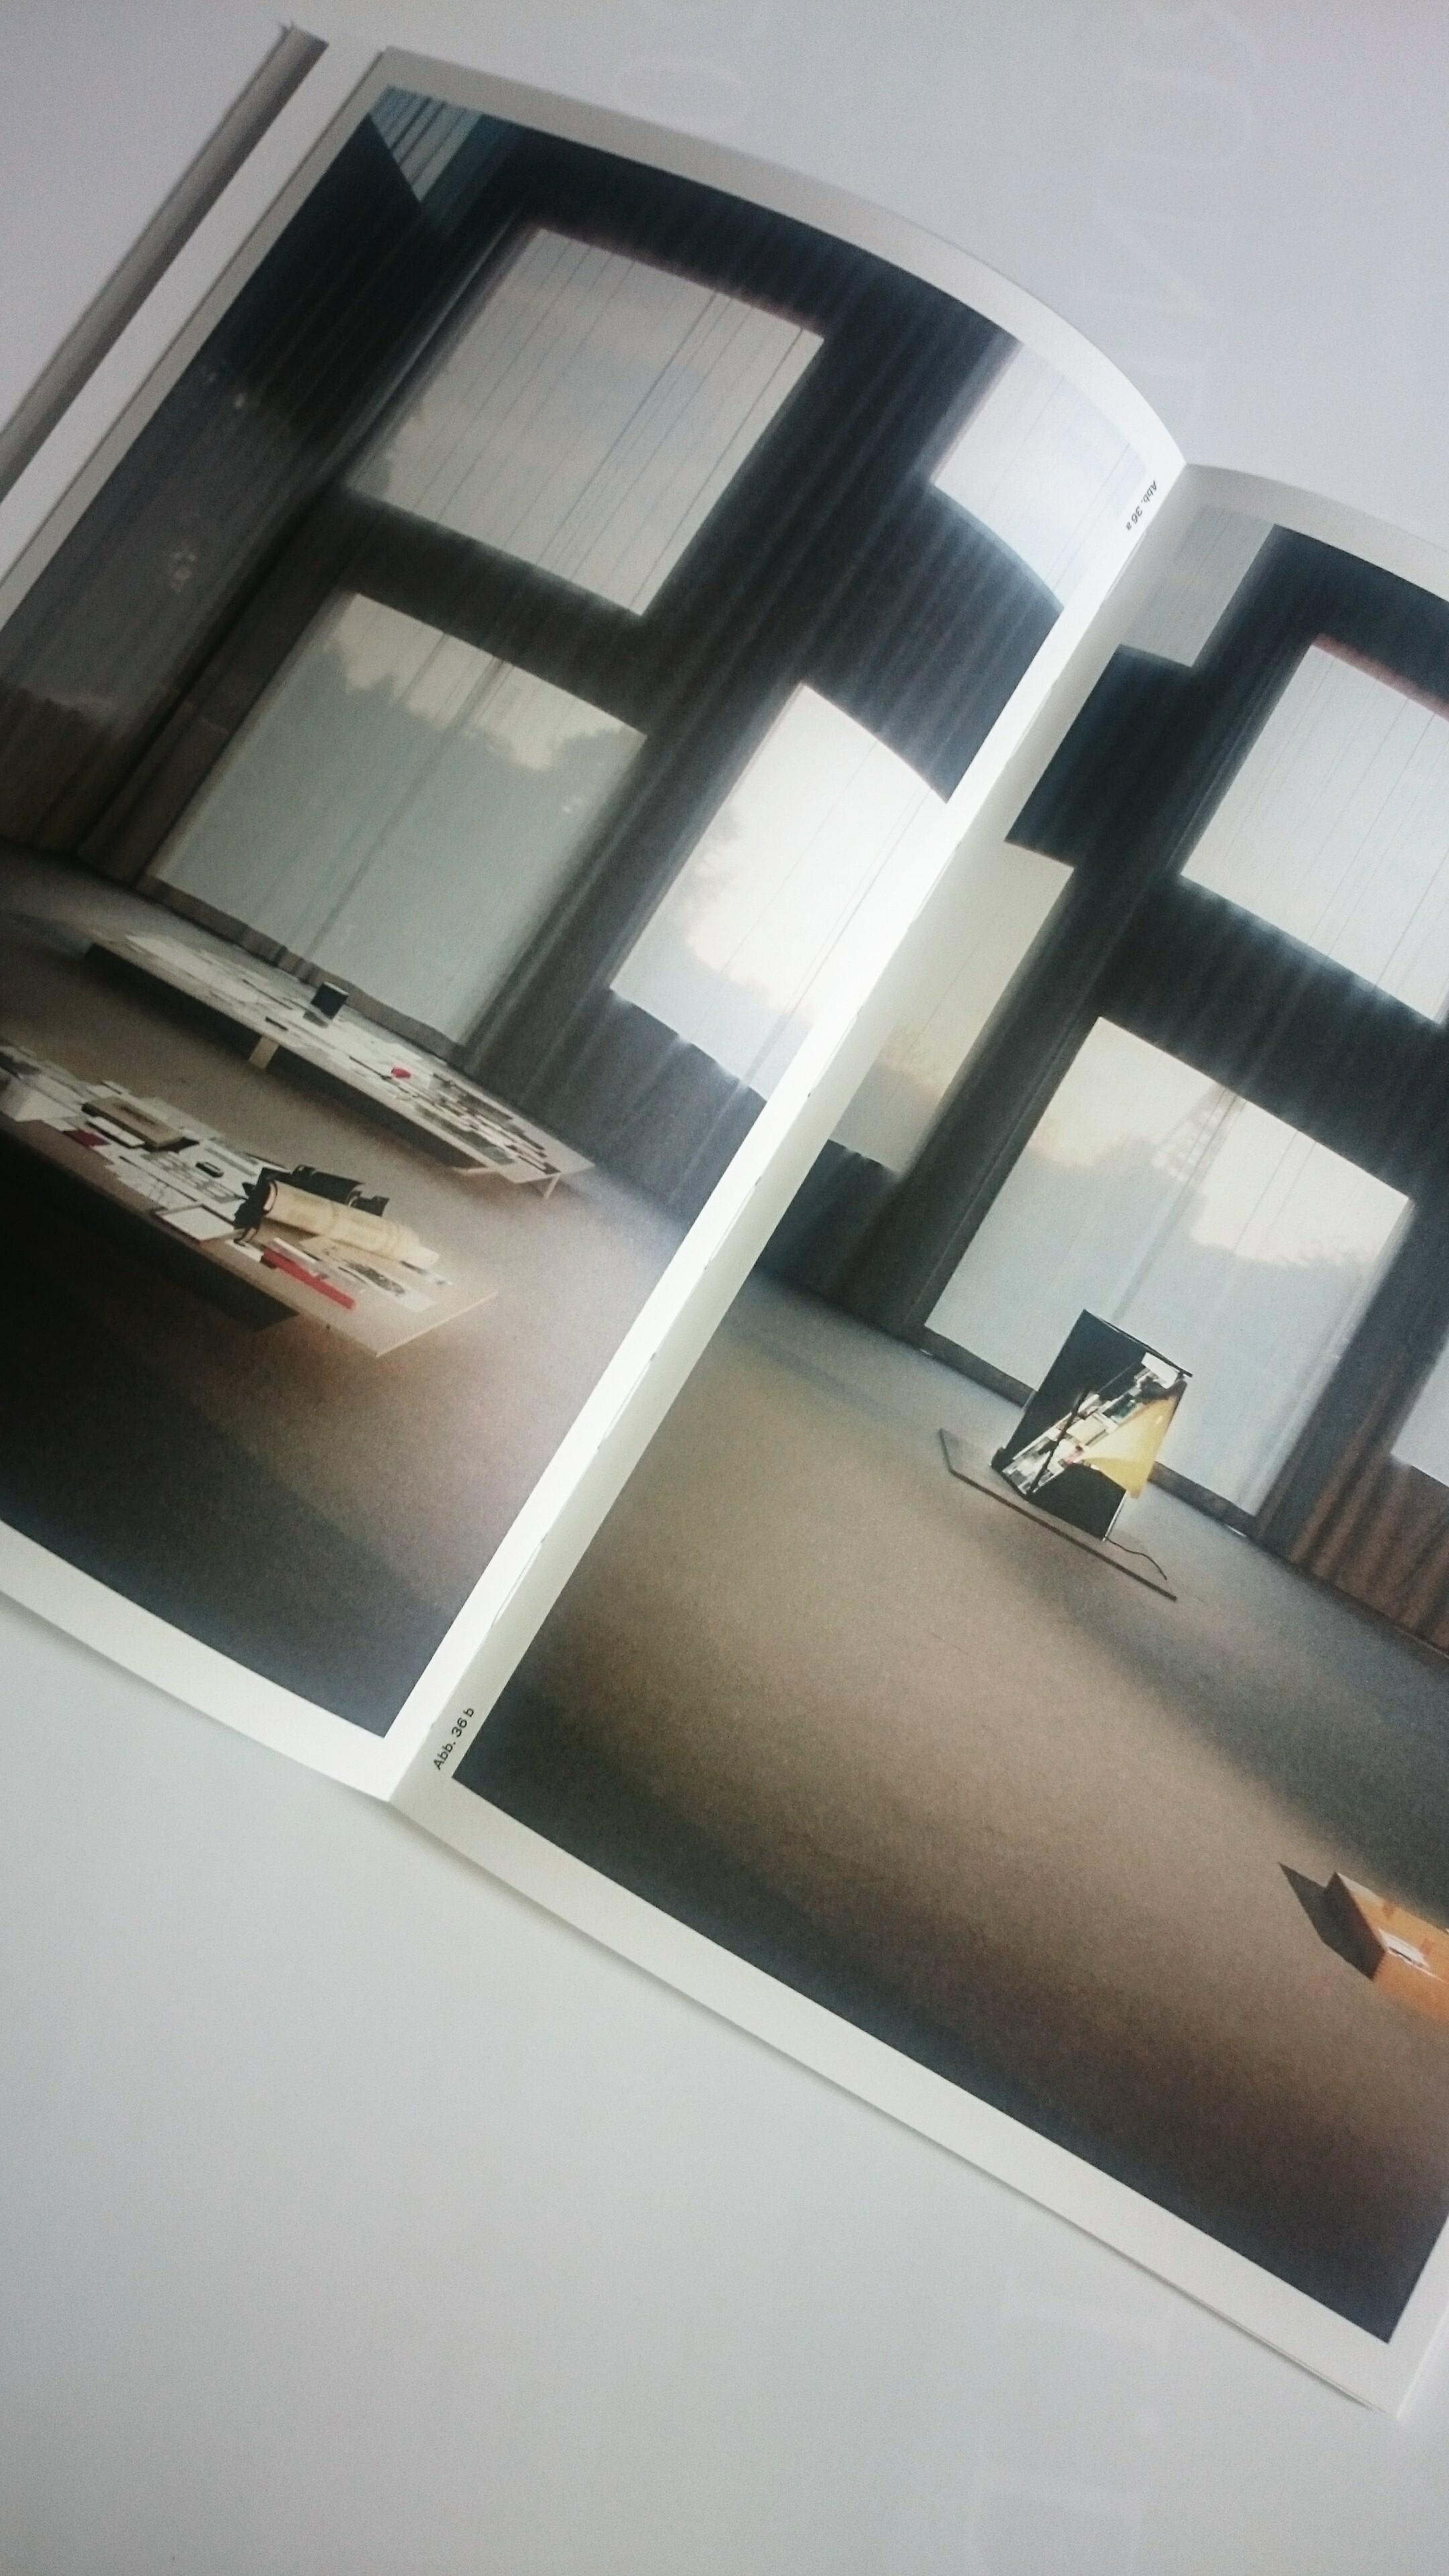 Ausstellungsansicht Sanaa im Katalog